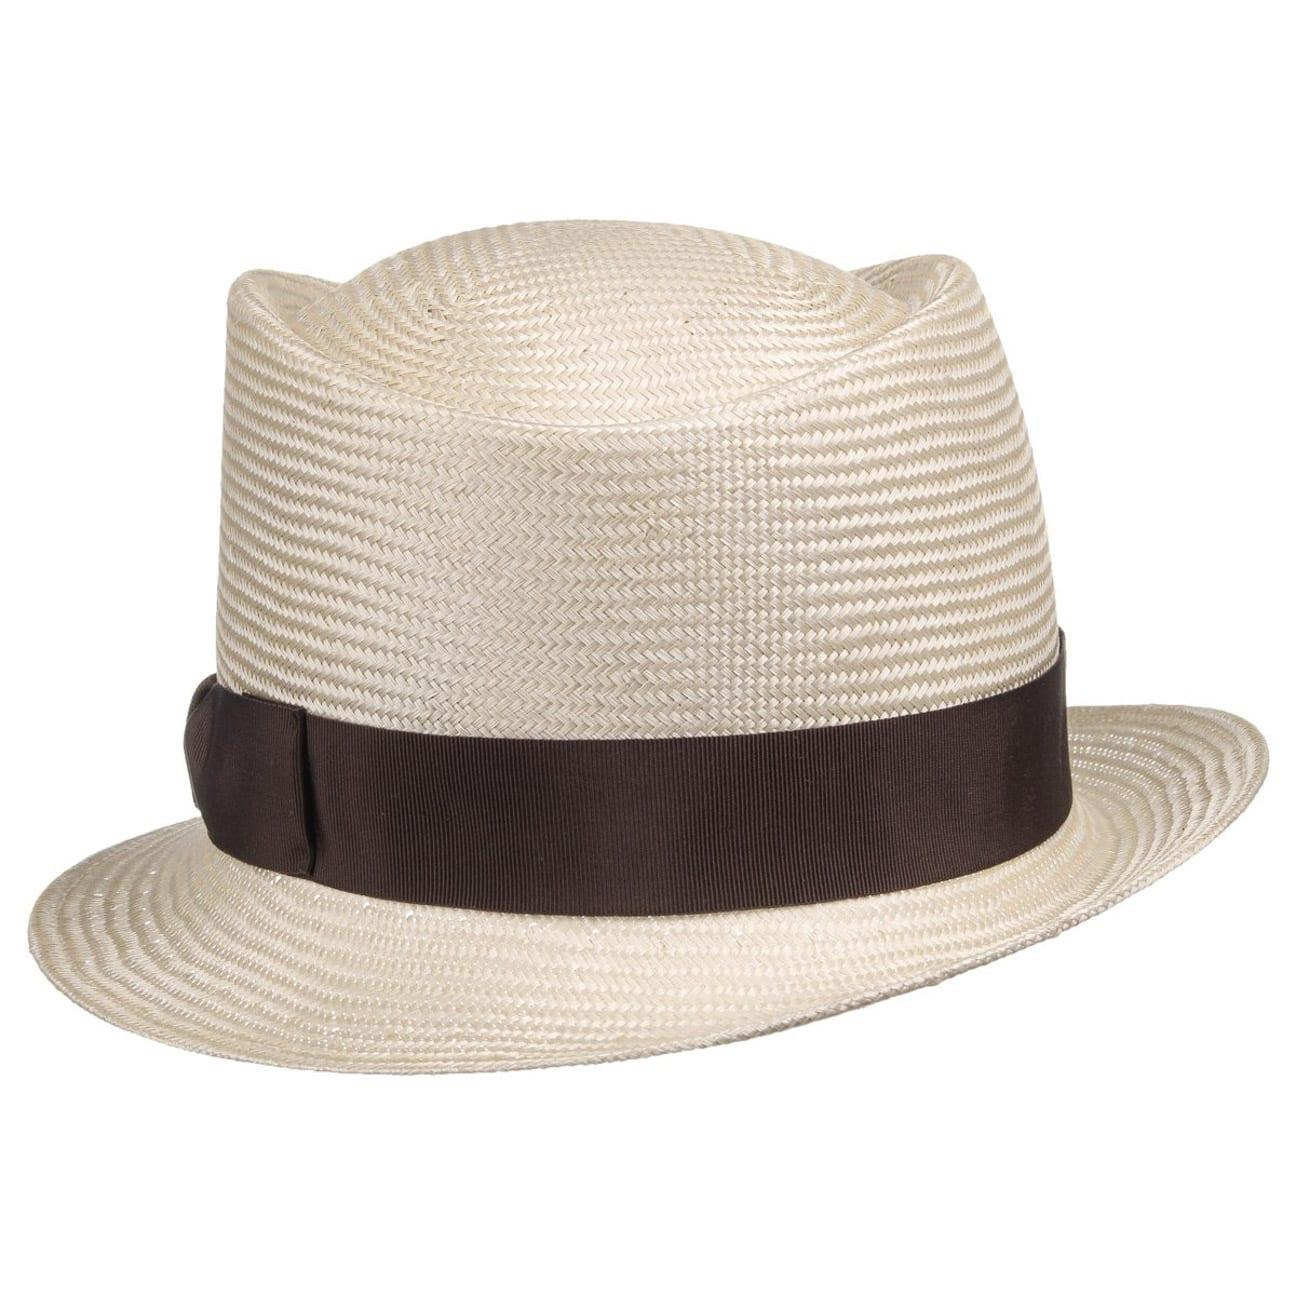 ... Cappello Panama da Donna by Borsalino - natura 6 95f16e0ec4dd